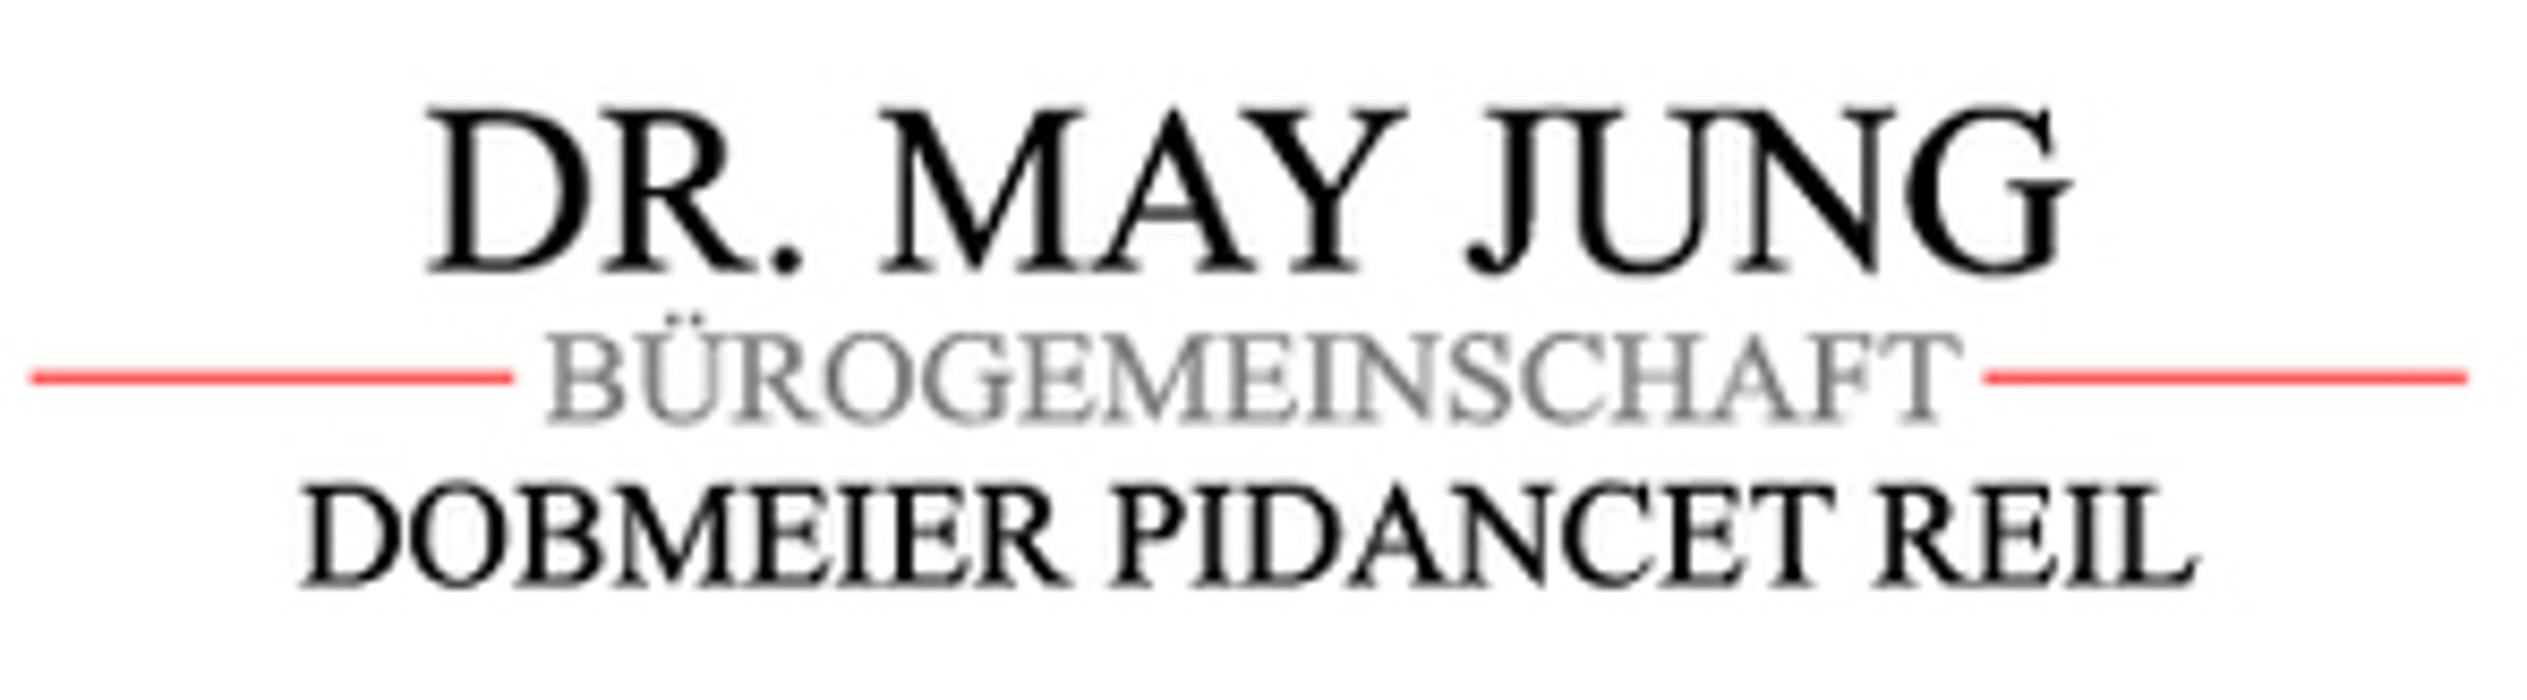 Bild zu Rechtsanwälte in Bürogemeinschaft Dr. May Jung Dobmeier Pidancet Reil in Rheinfelden in Baden